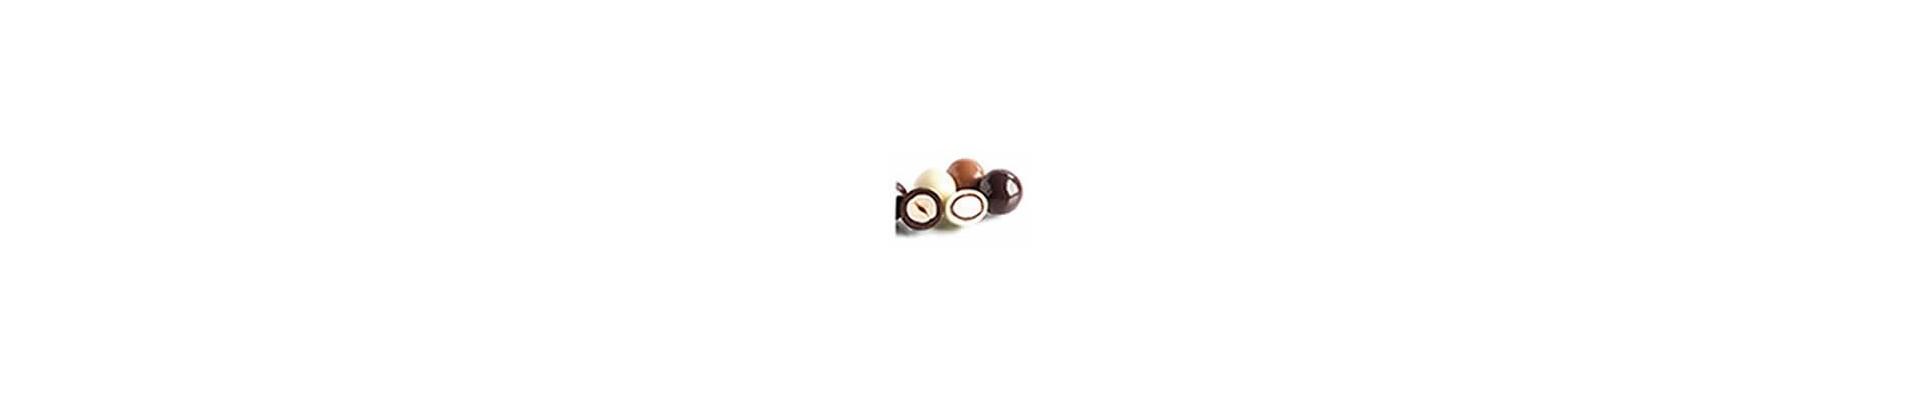 Canditi, mandorle,  pistacchi, nocciole e chicchi di cioccolato